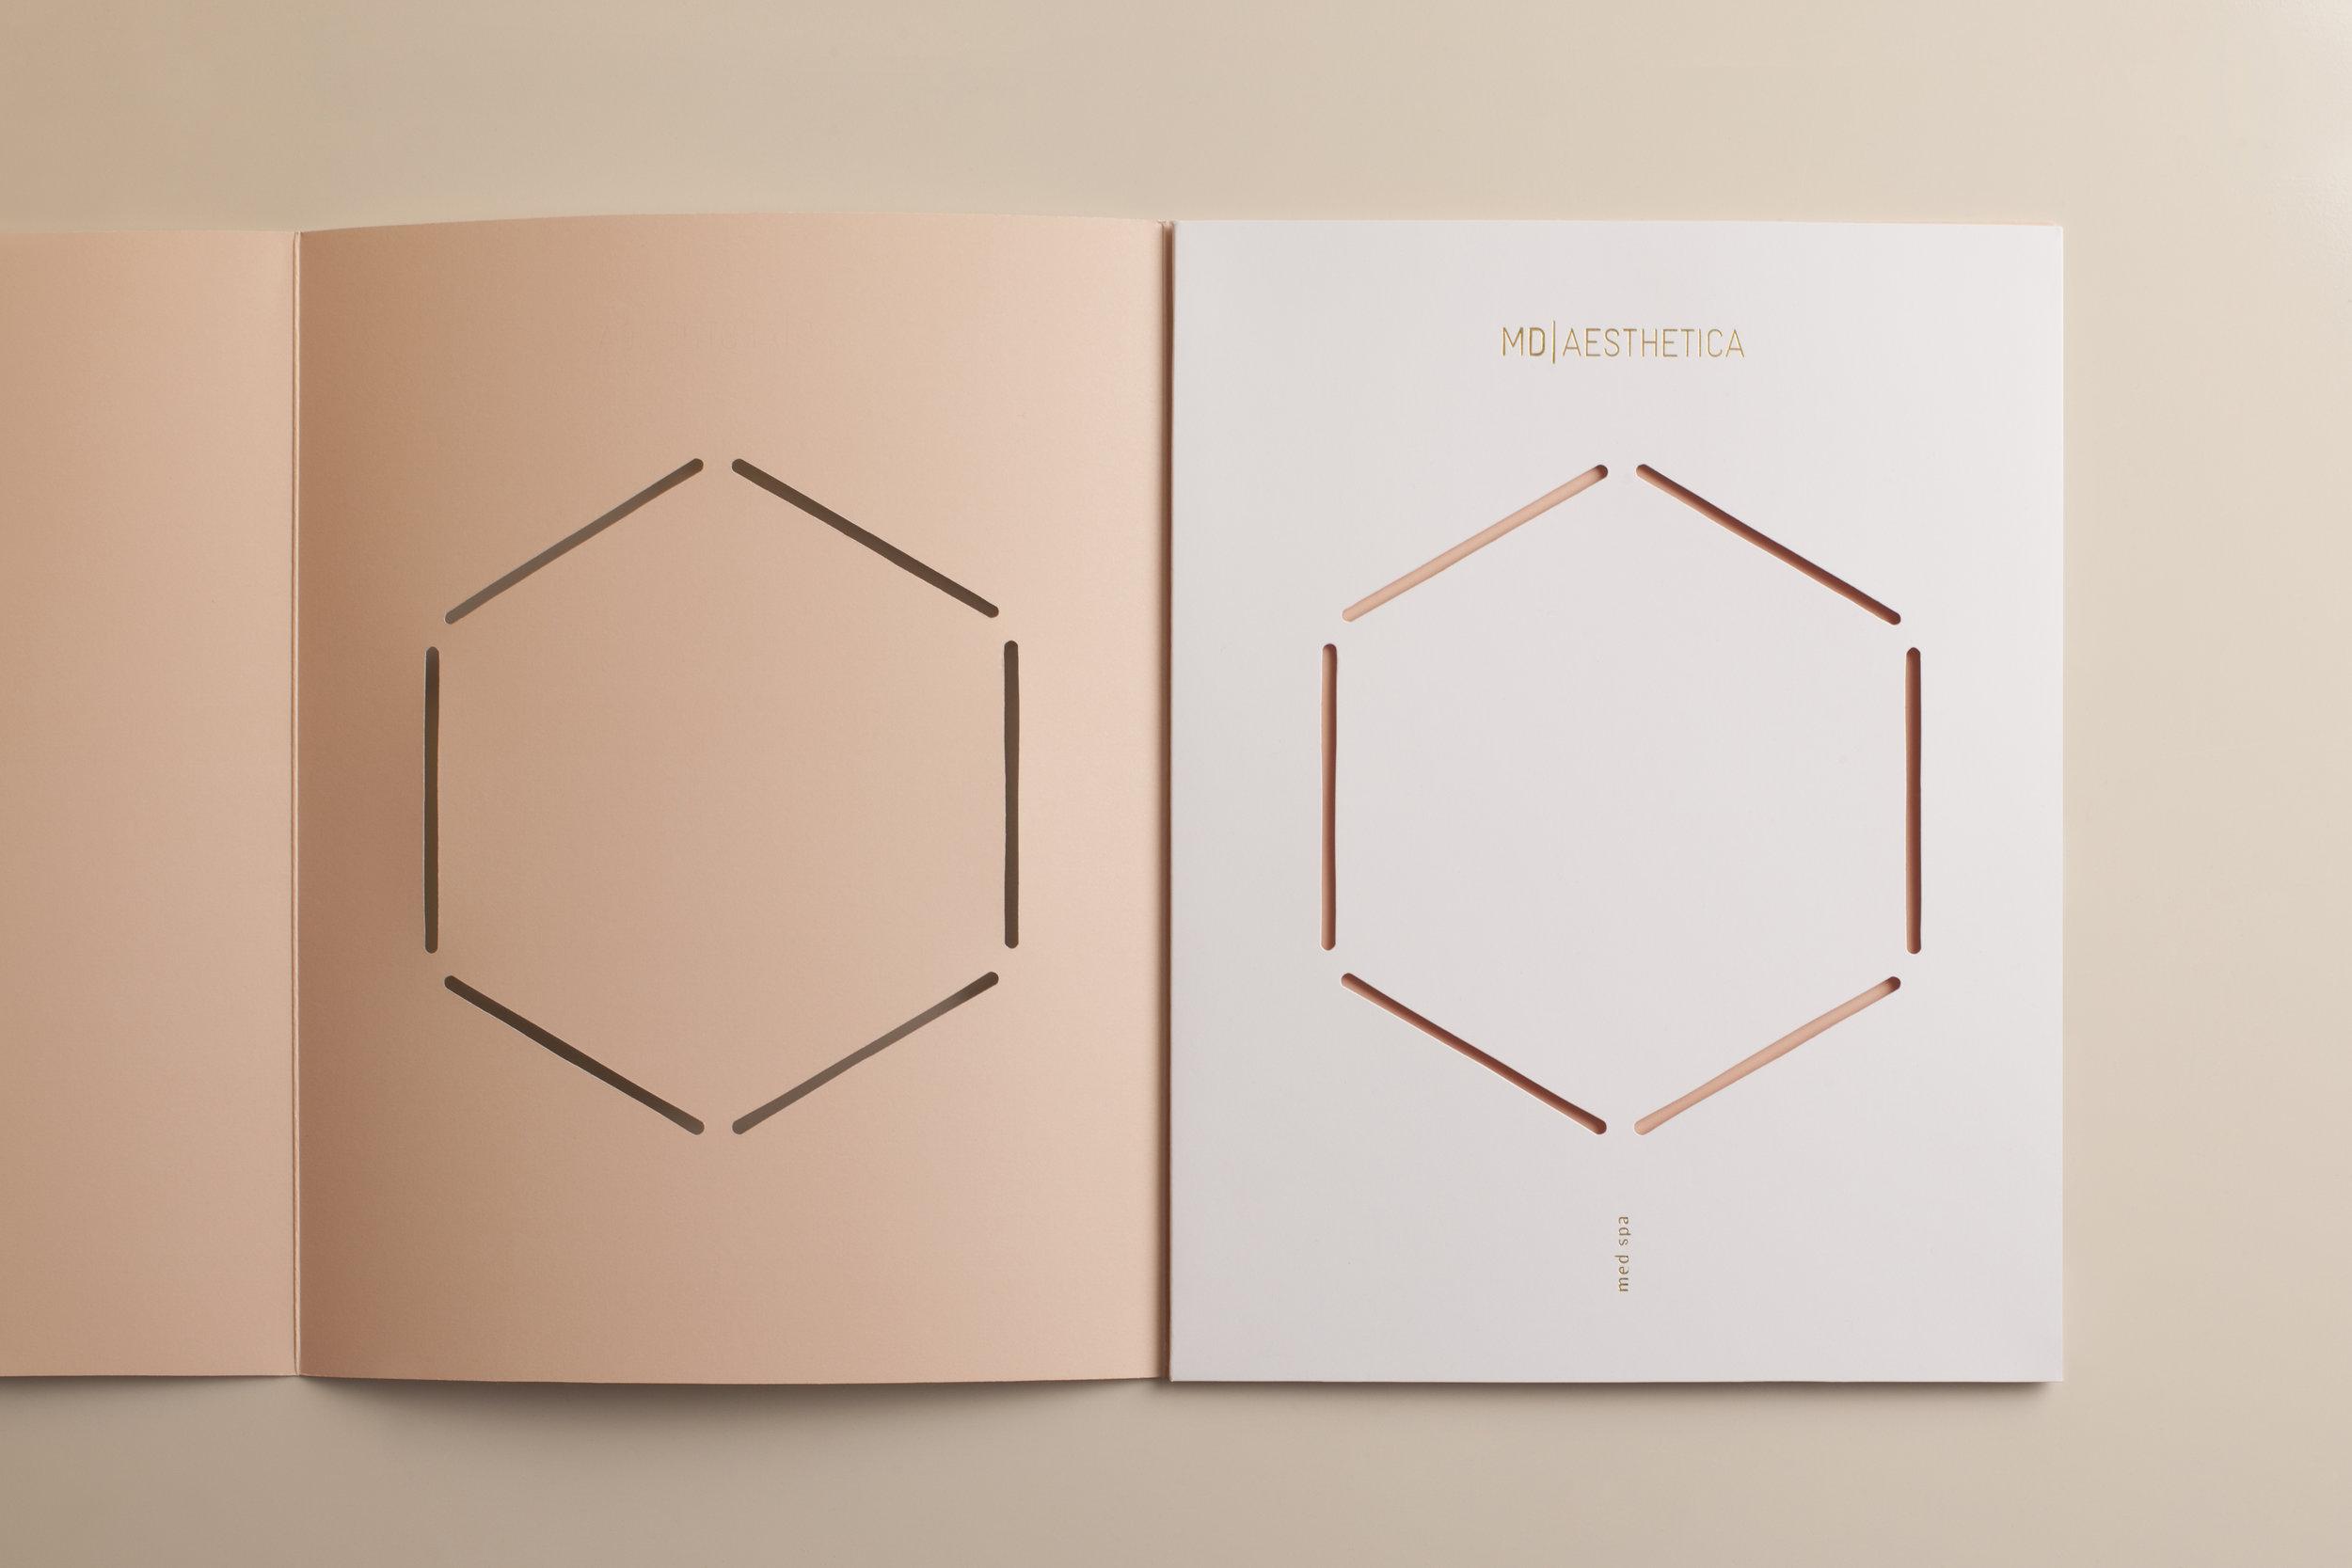 La Tortilleria. MD Aesthetica. Folders